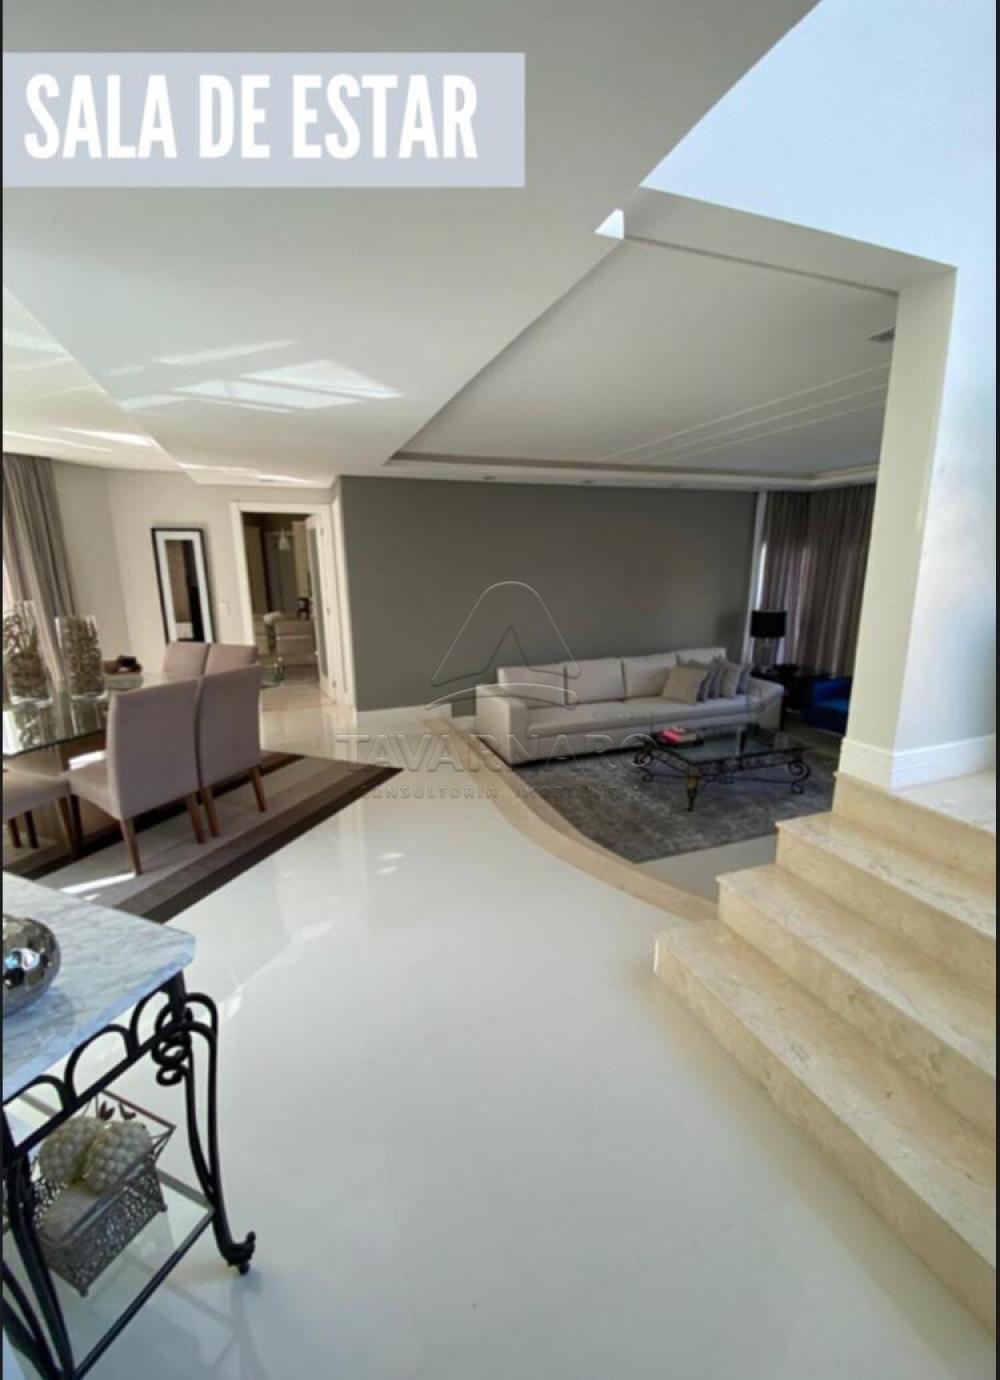 Comprar Casa / Condomínio em Ponta Grossa apenas R$ 1.590.000,00 - Foto 3